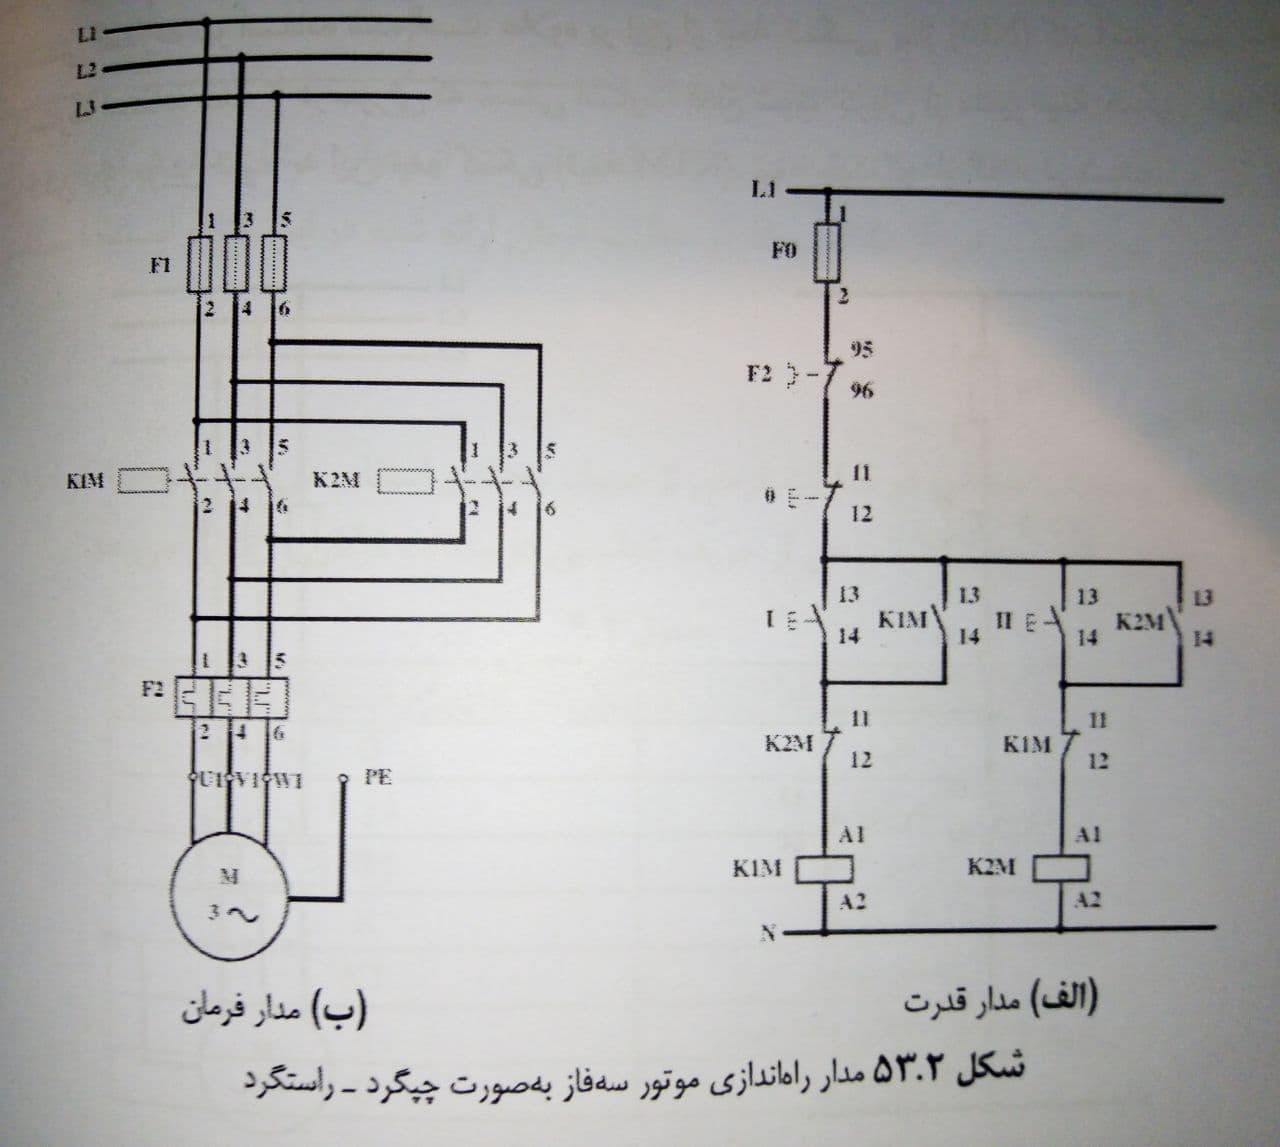 مدار راه اندازی موتور سه فاز به صورت چپ گرد راست گرد